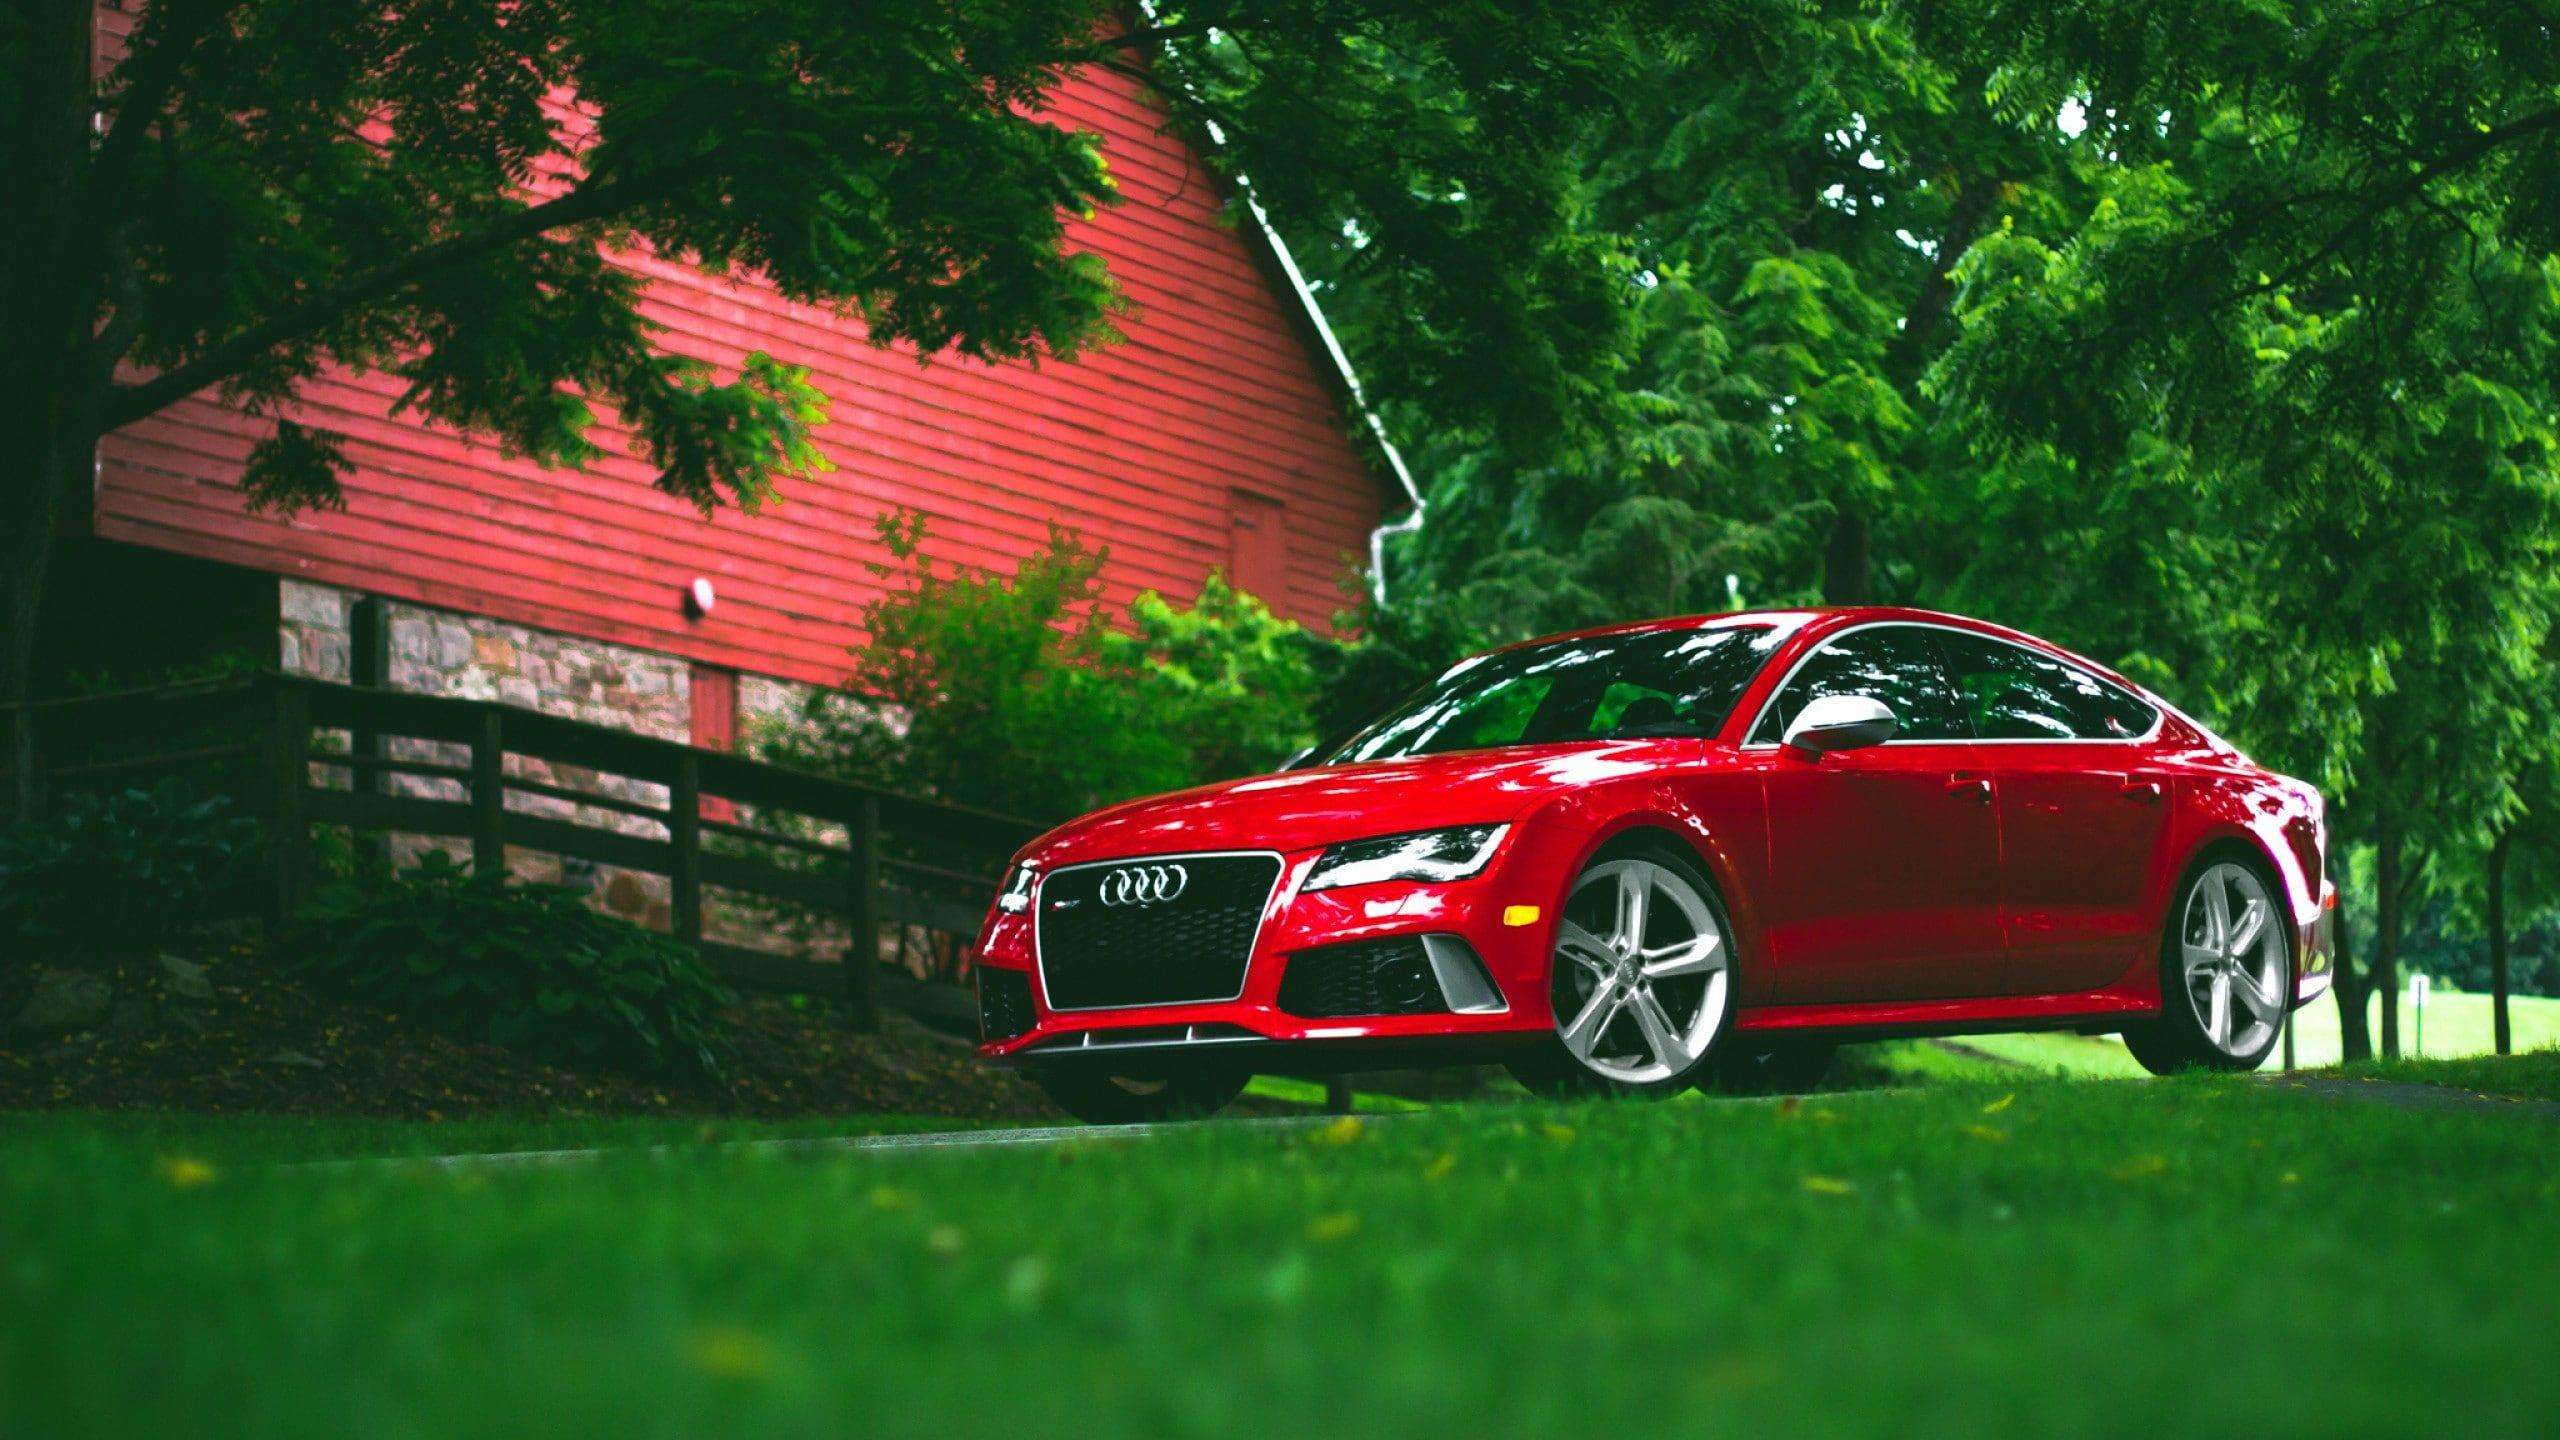 Audi Rs7 Car Front Angle View 2k Wallpaper Hdwallpaper Desktop Red Audi Audi Rs7 Audi